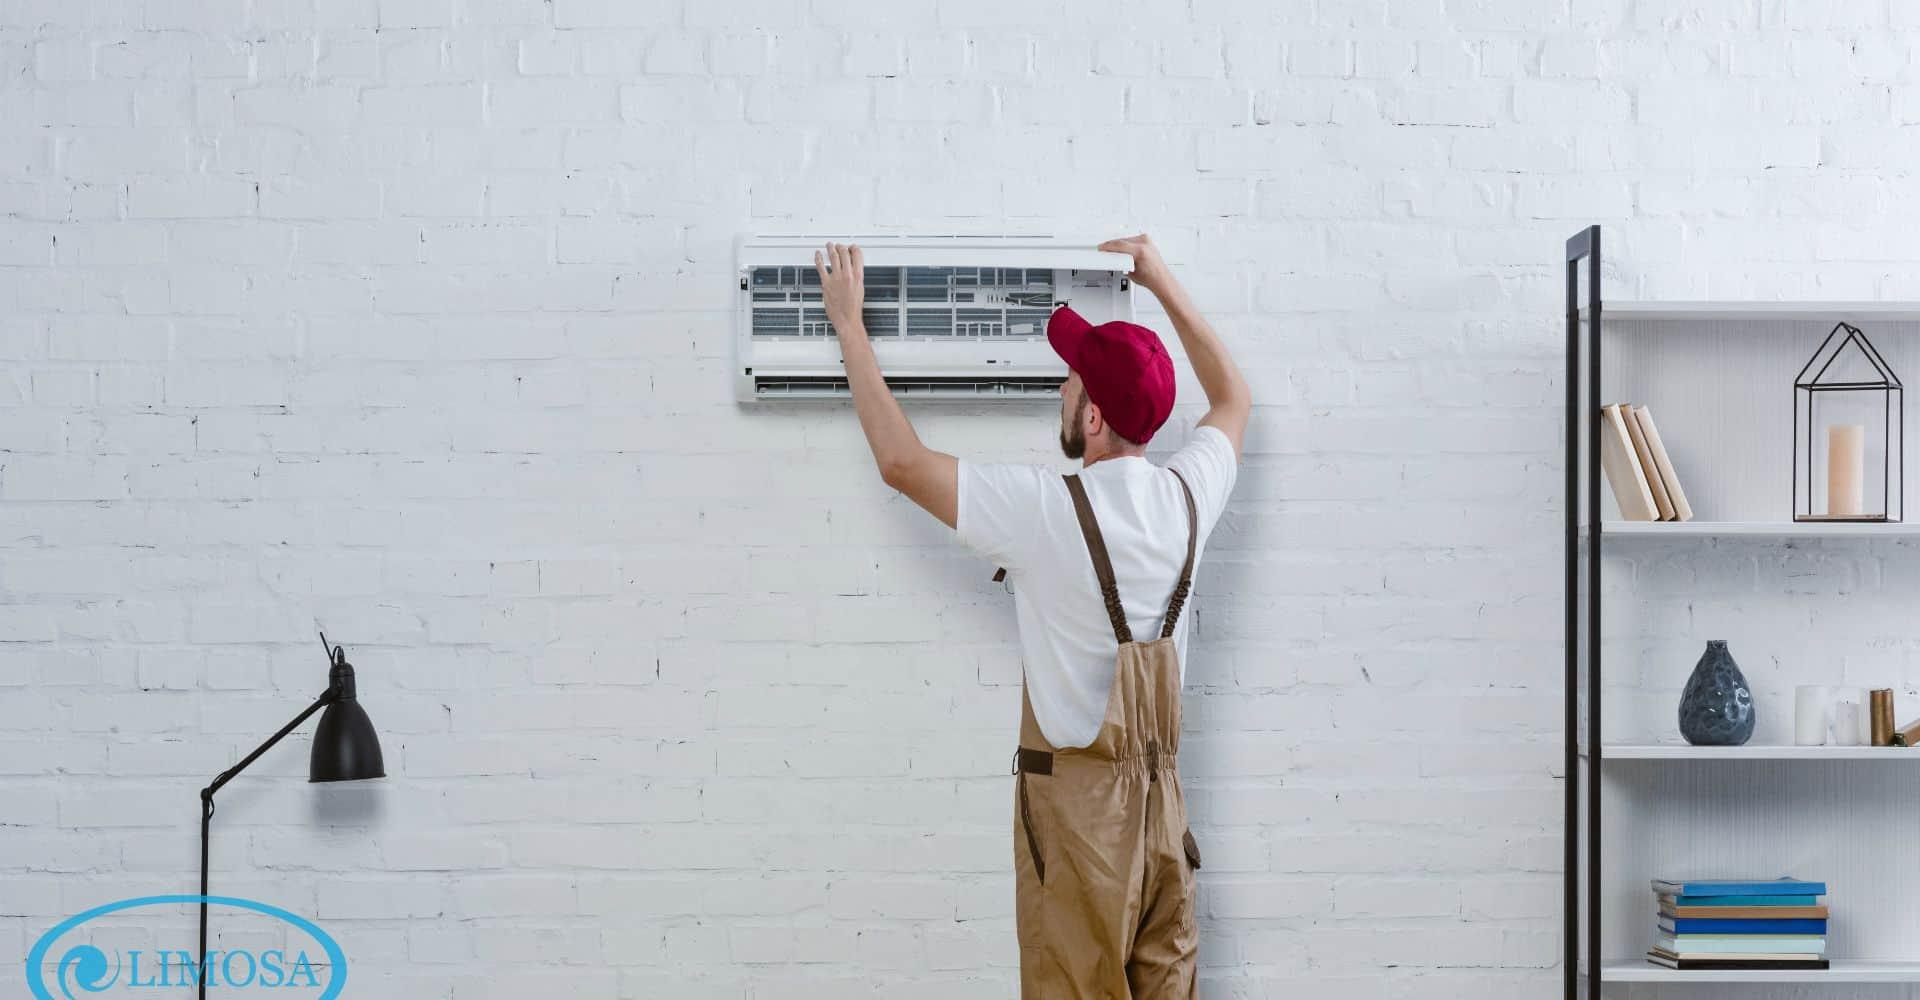 1.2. Phớt lờ các dấu hiệu bất thường của máy lạnh trong lúc sử dụng